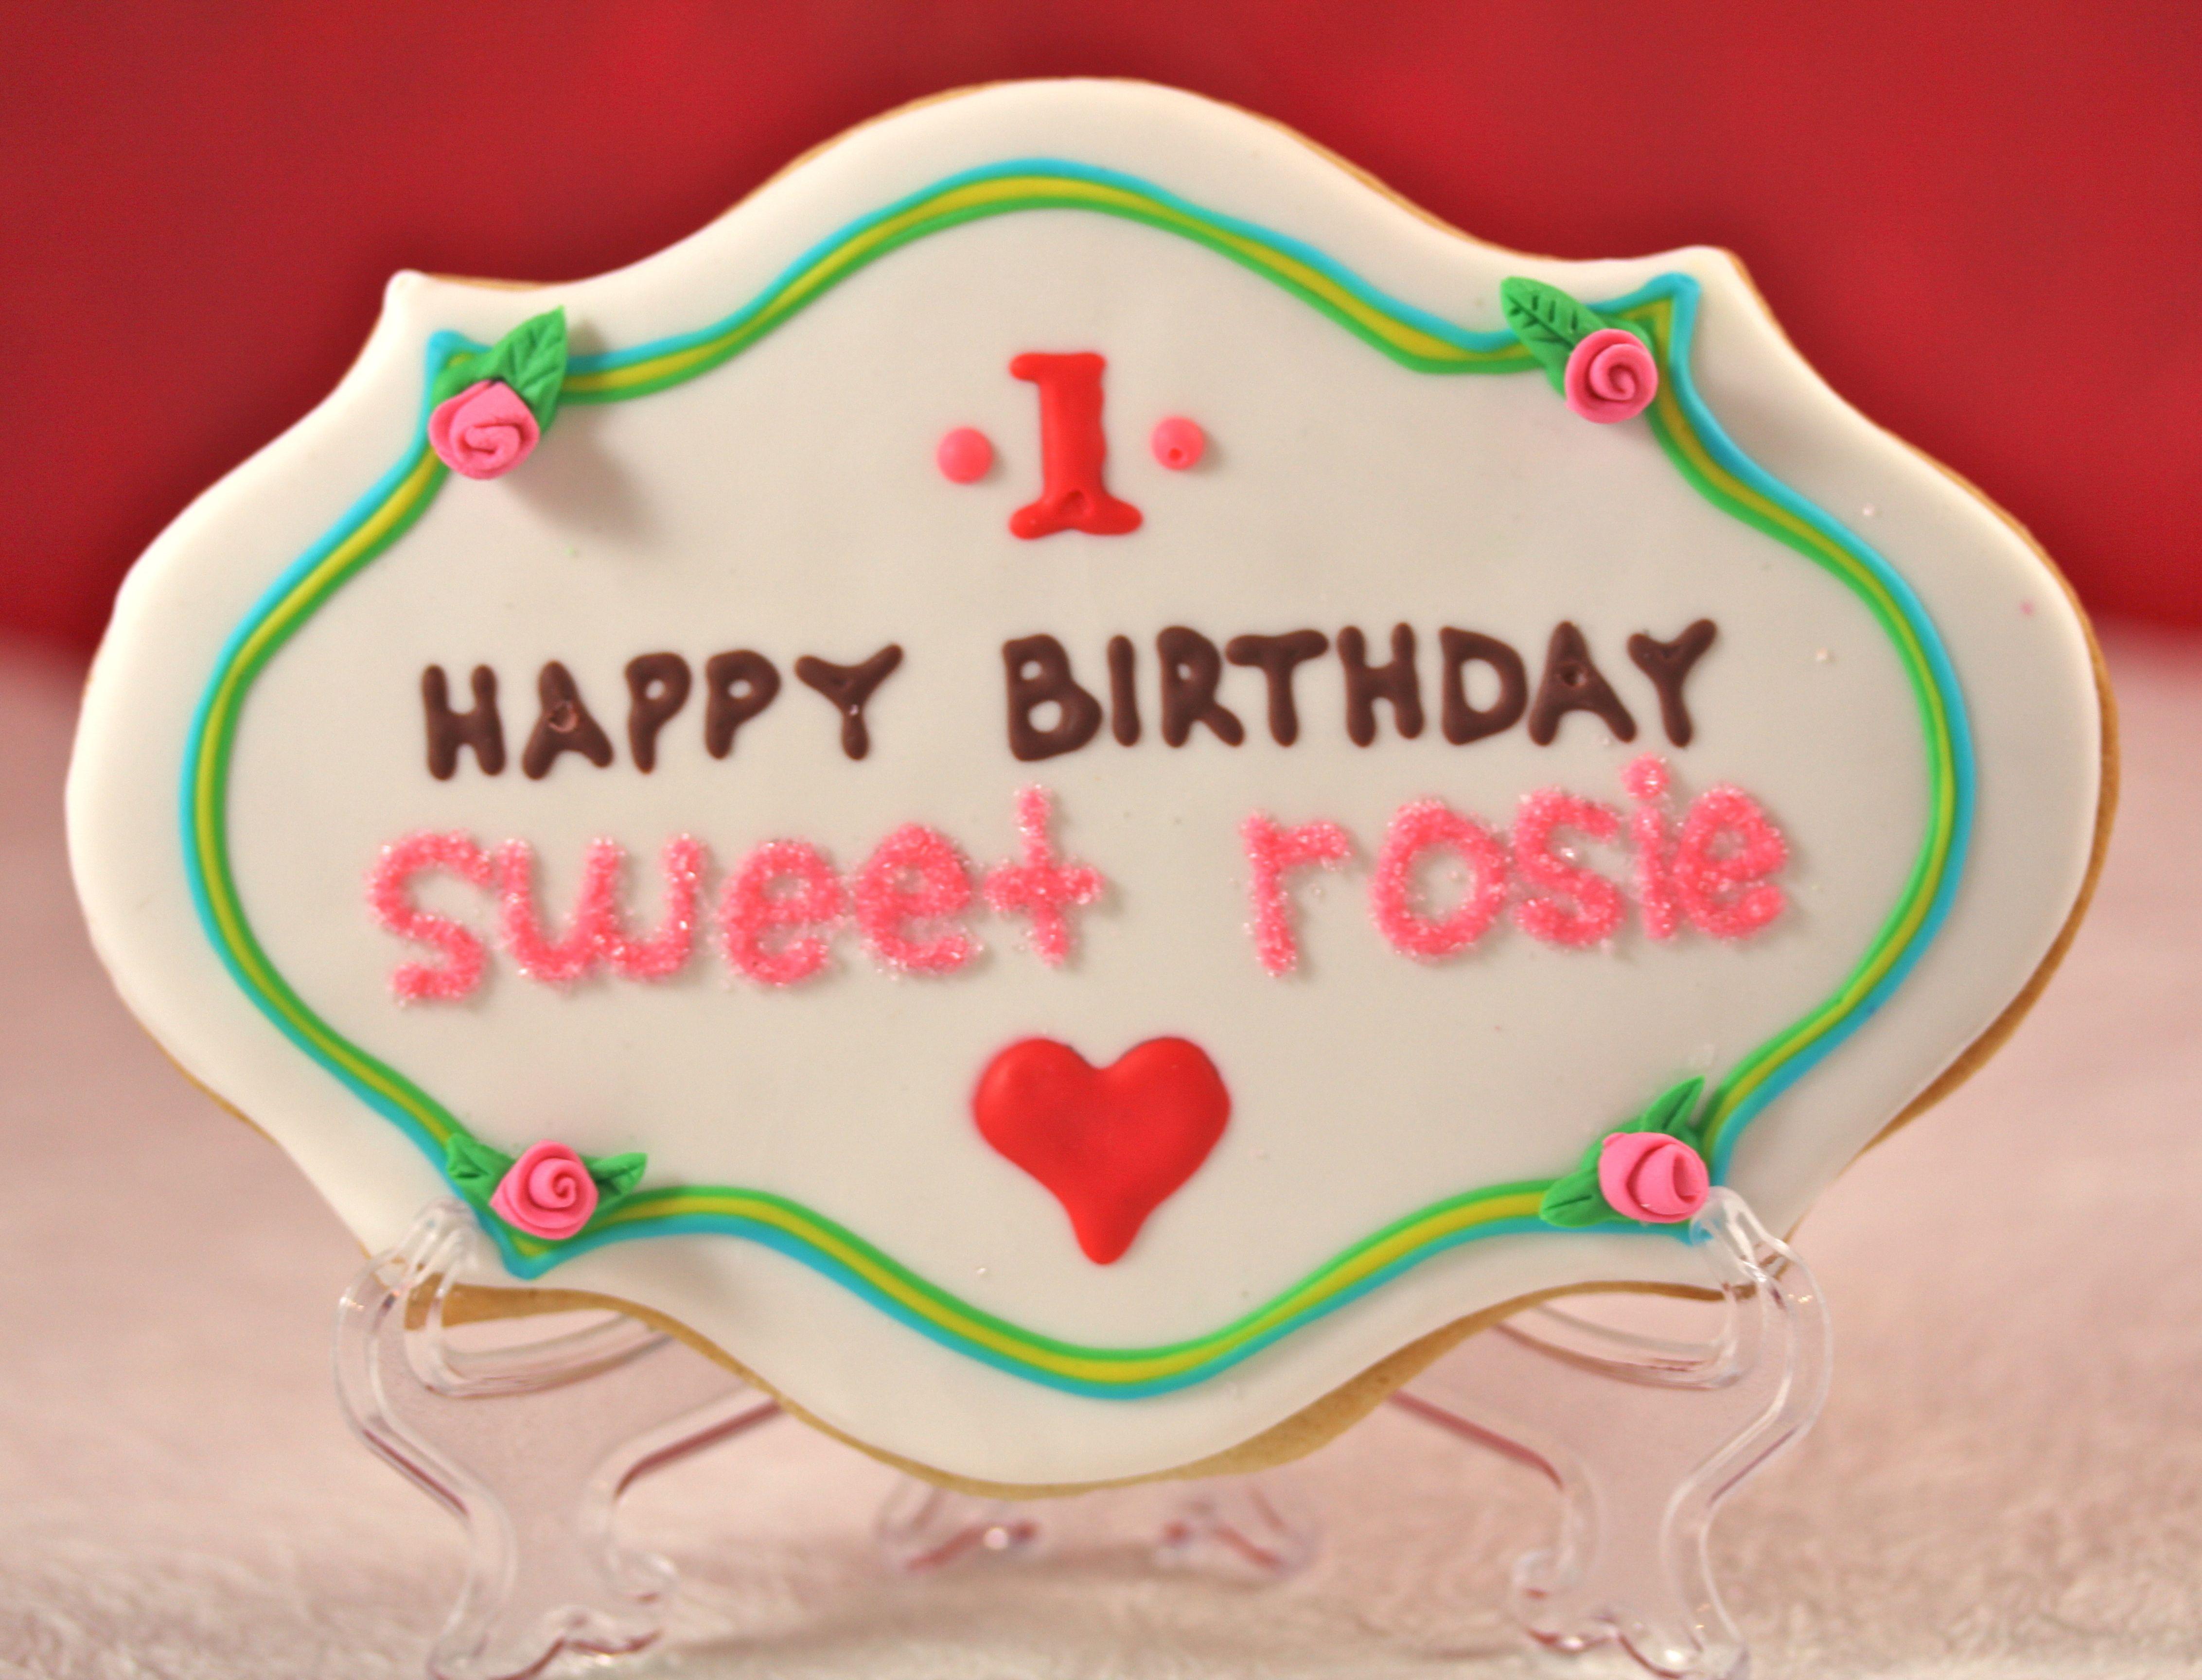 Birthday Plaque Hopes Cookies Cookie Cake Birthday Happy Birthday